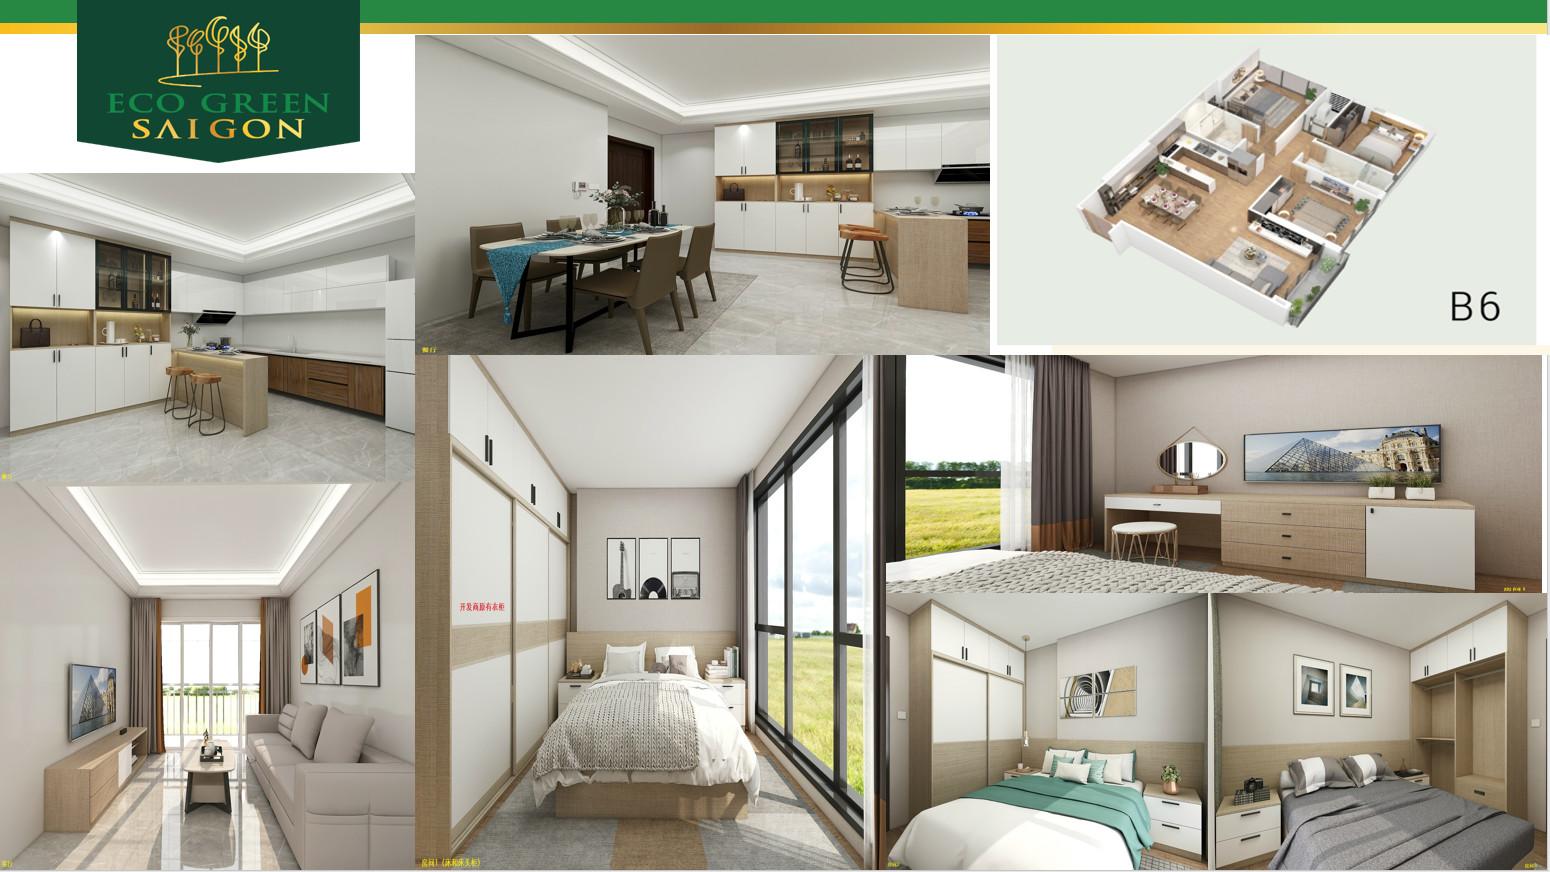 Thiết kế căn hộ 3 phòng ngủ mã căn B6 dự án Eco Green Sài Gòn